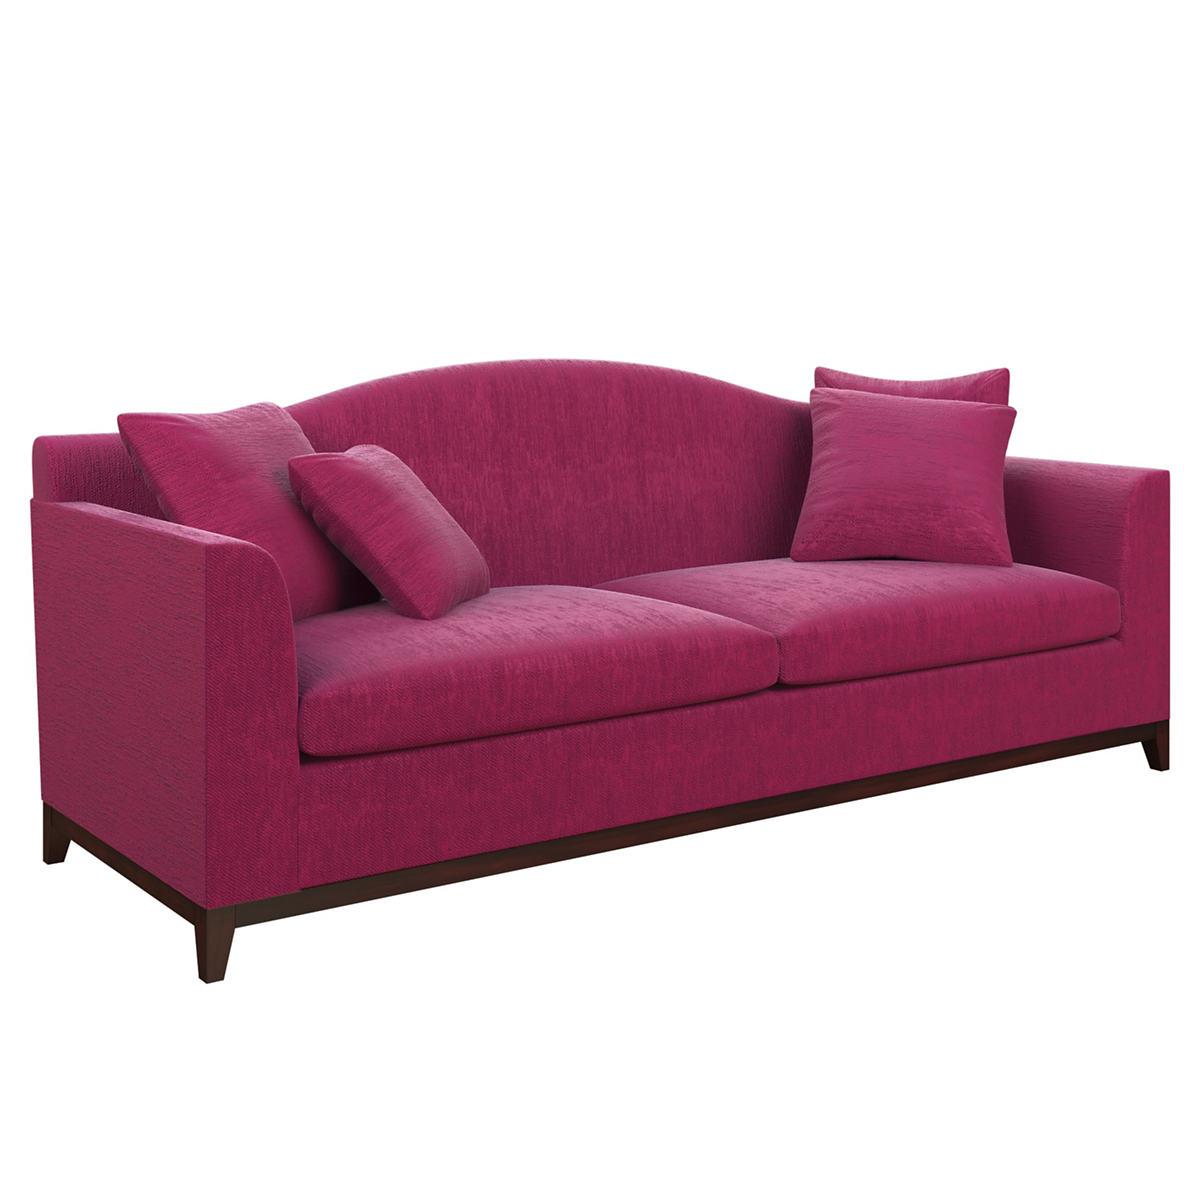 Plush Velvet Claret Marseille Sofa